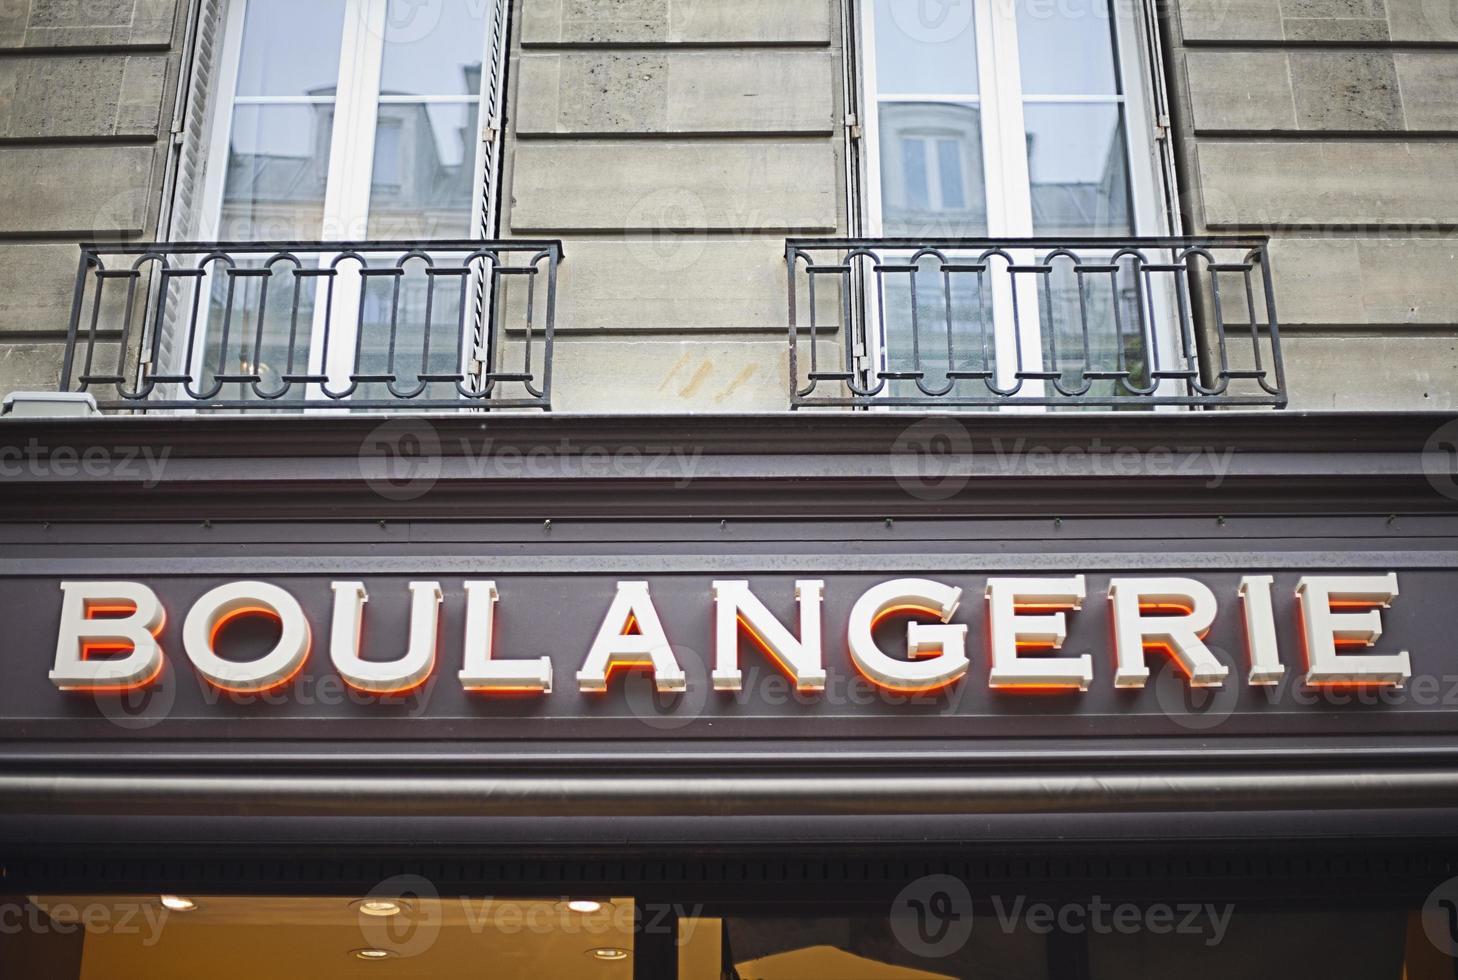 Boulangerie Zeichen auf der französischen Straße foto